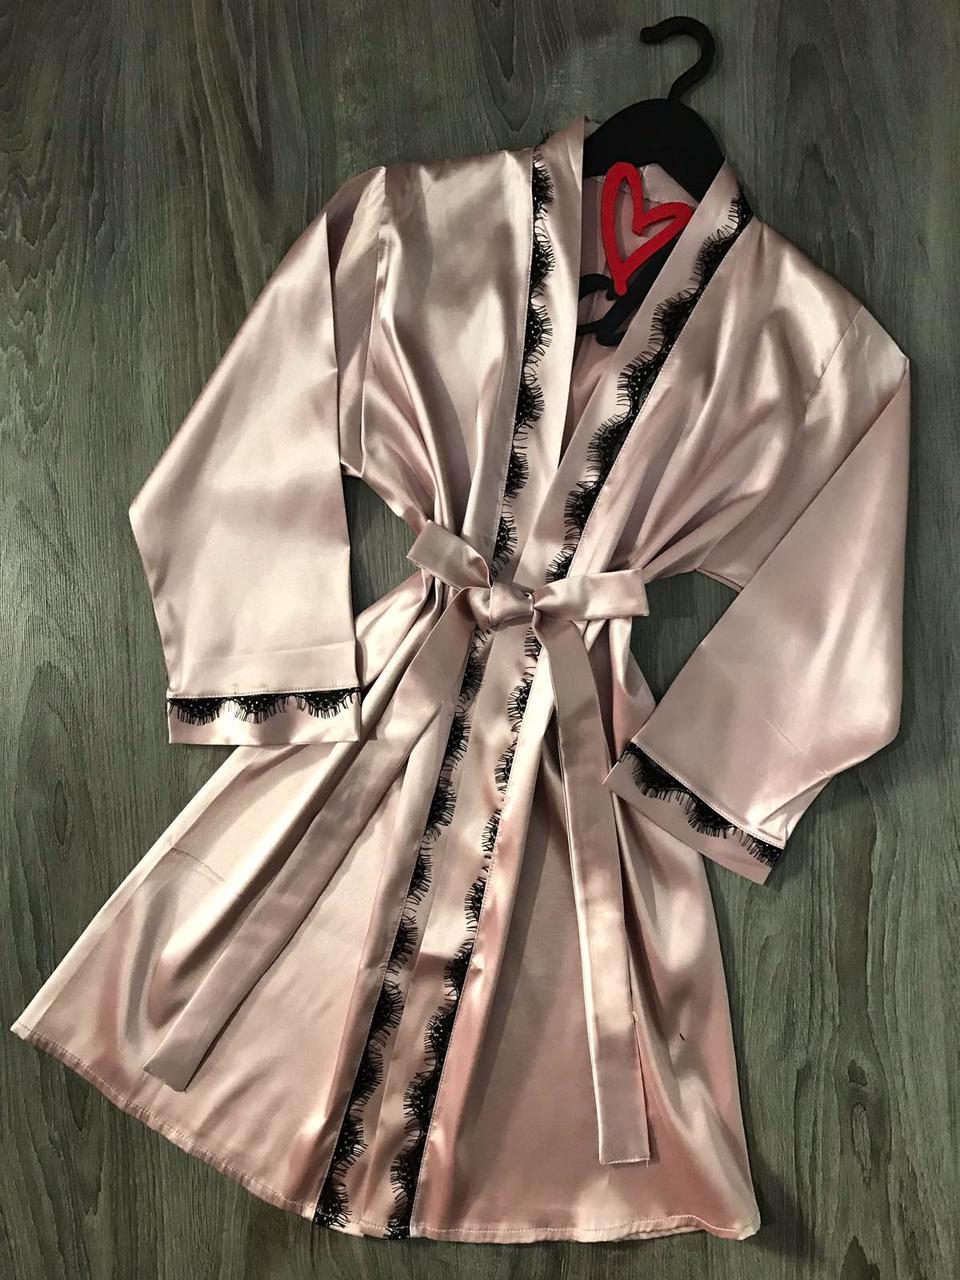 Шелковый халат с кружевом ТМ Exclusive 090, домашние халаты.